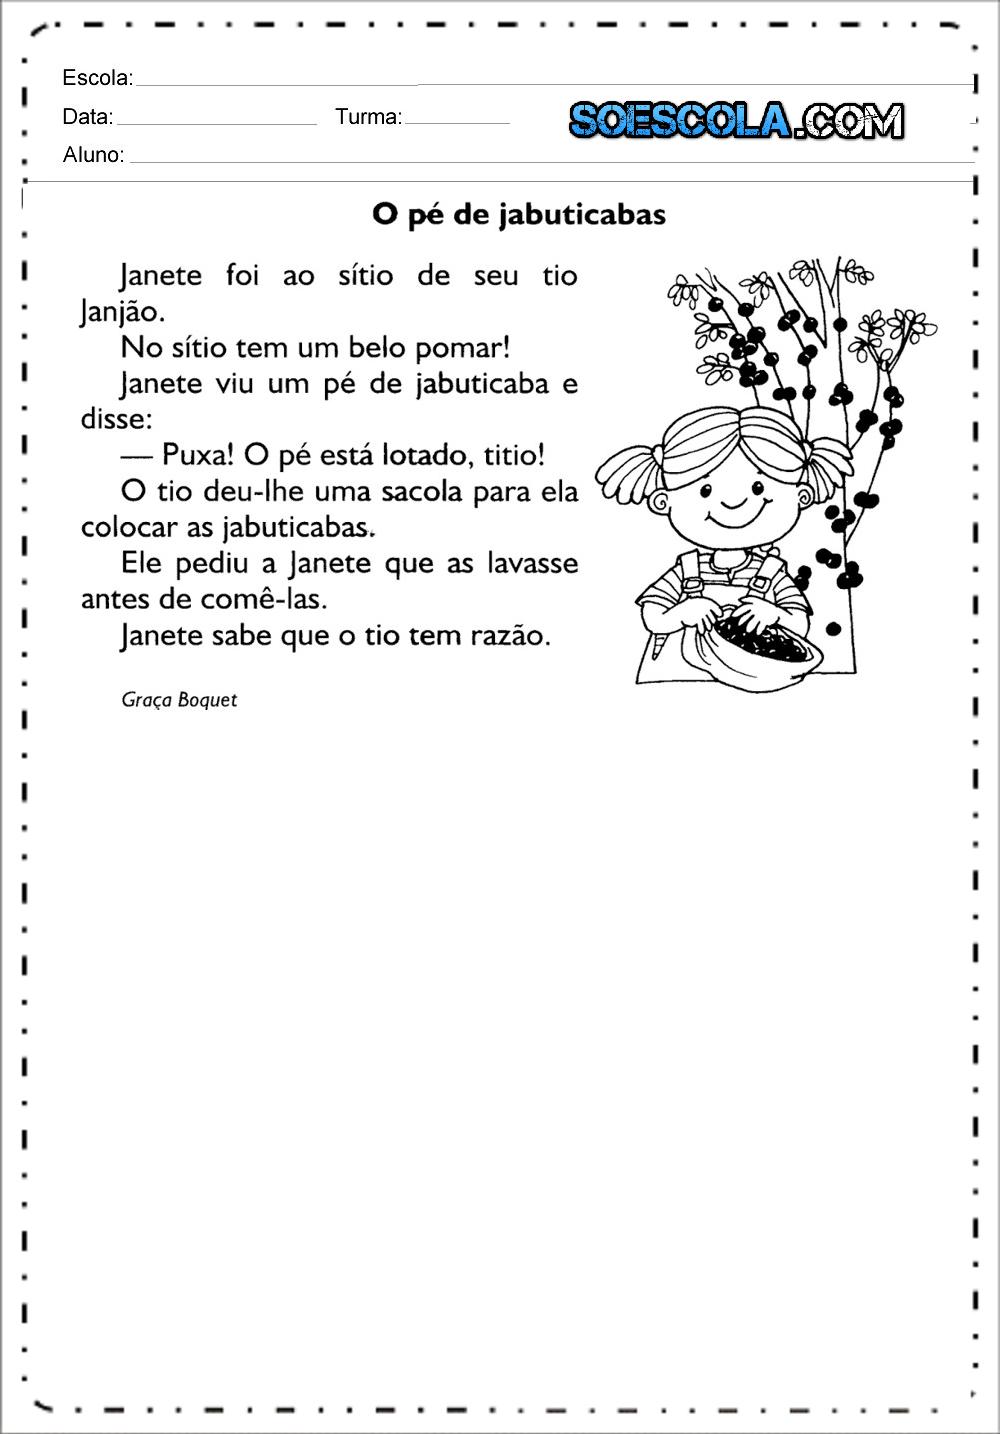 Textos para leitura - Textos e Histórias Curtas para imprimir e baixar.